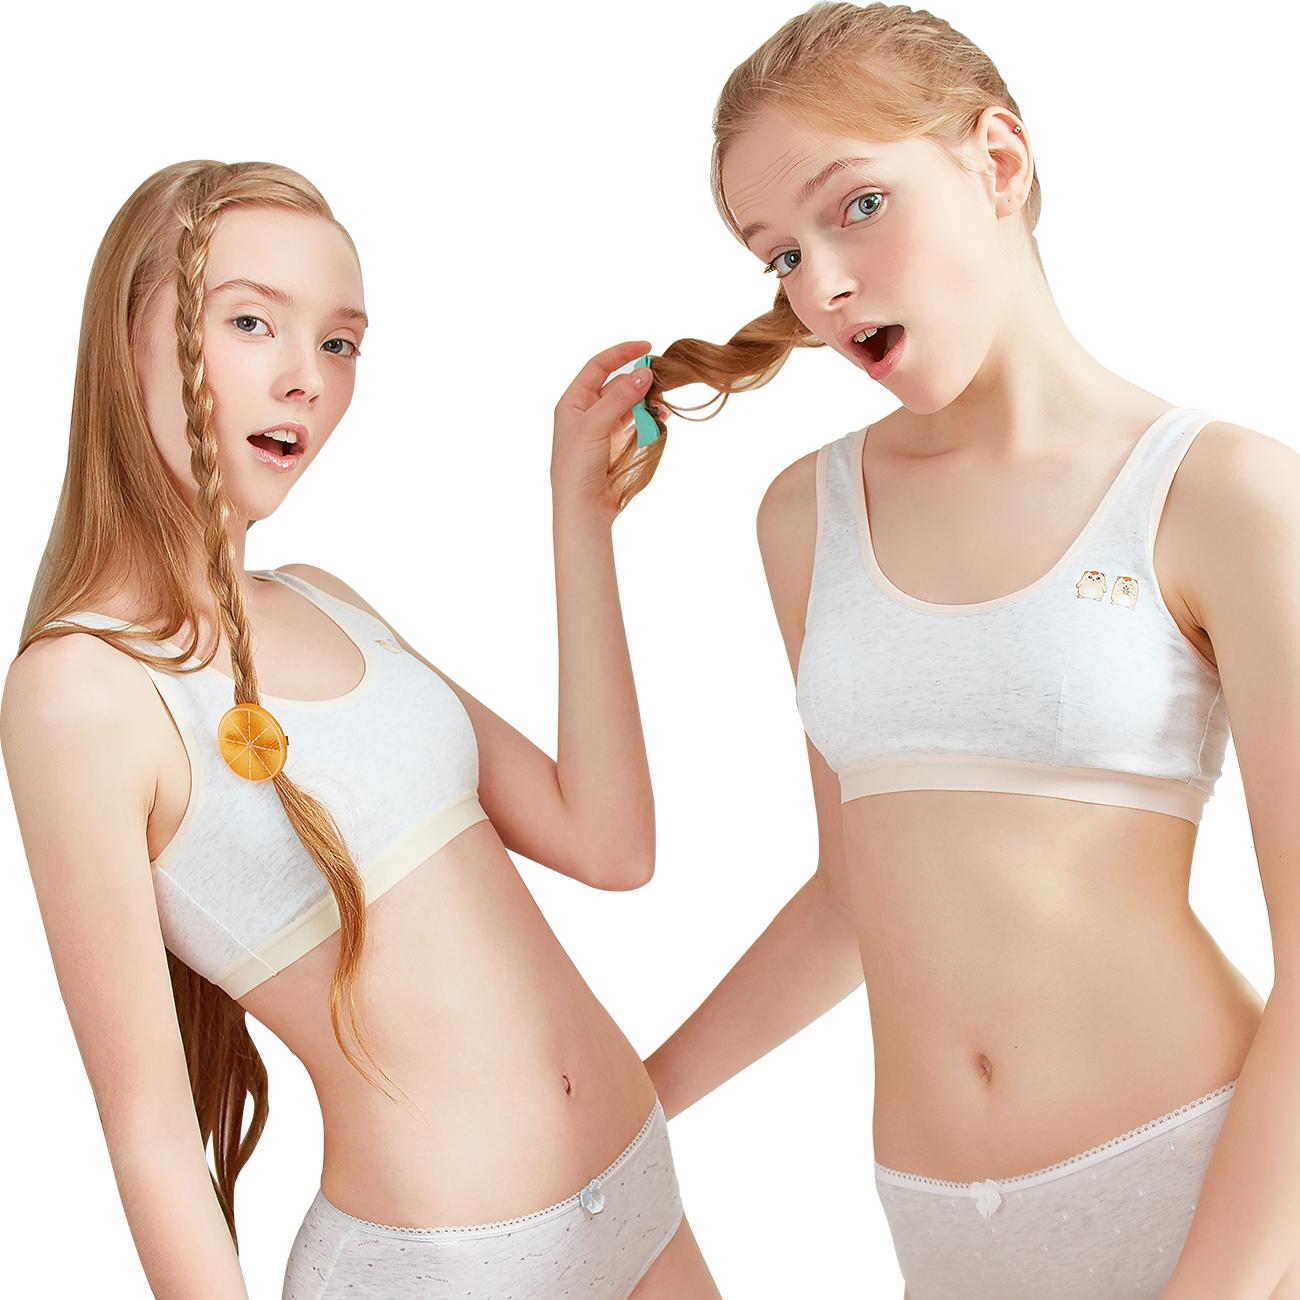 e58d0fcd6738c THREEGUN 2 Pack 100%Cotton Girls Teen Kid First Bra Children Training Bra A  Cup